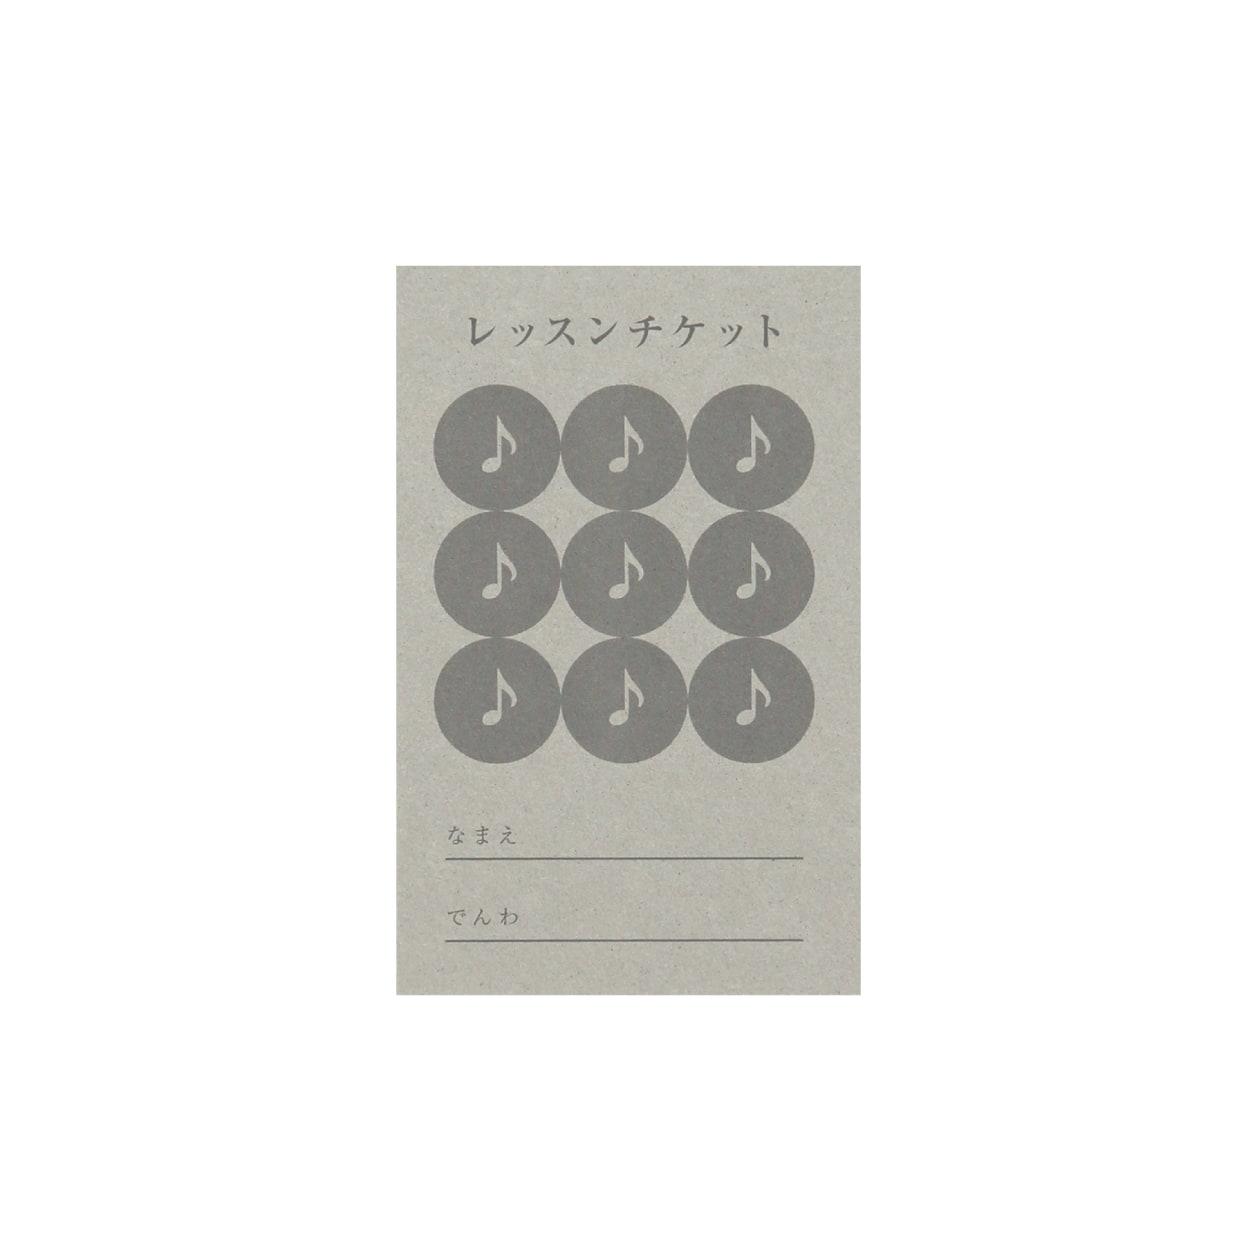 サンプル カード・シート 00181